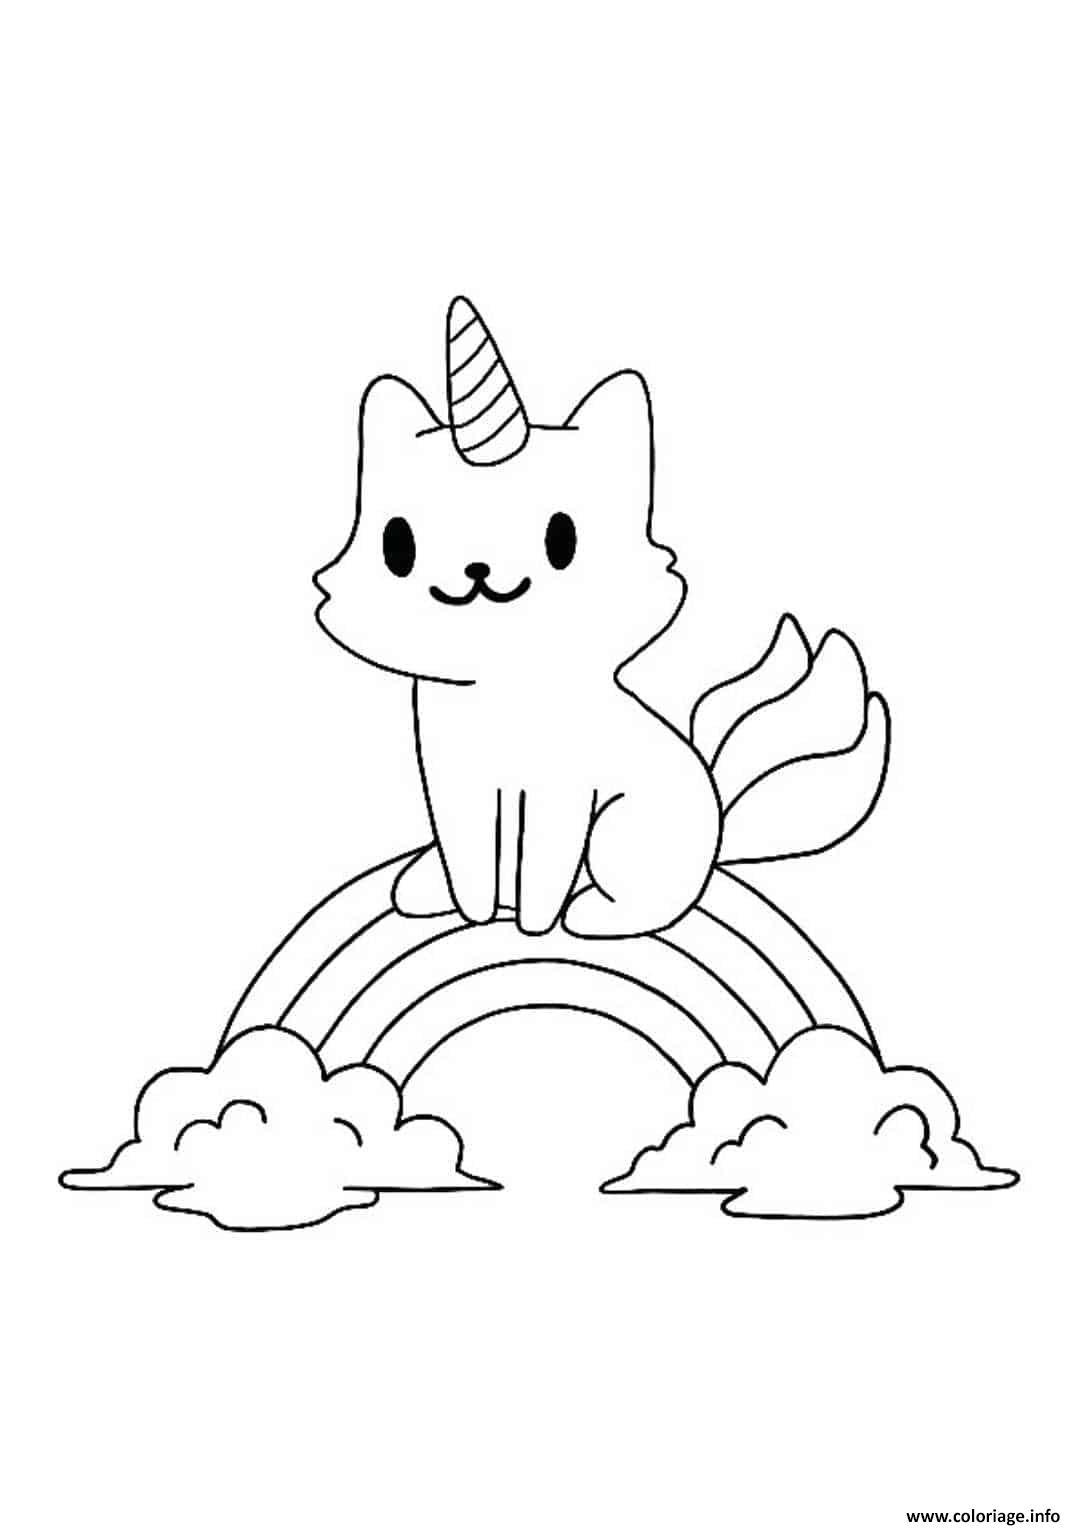 Coloriage Petit chat licorne et arc en ciel - JeColorie.com